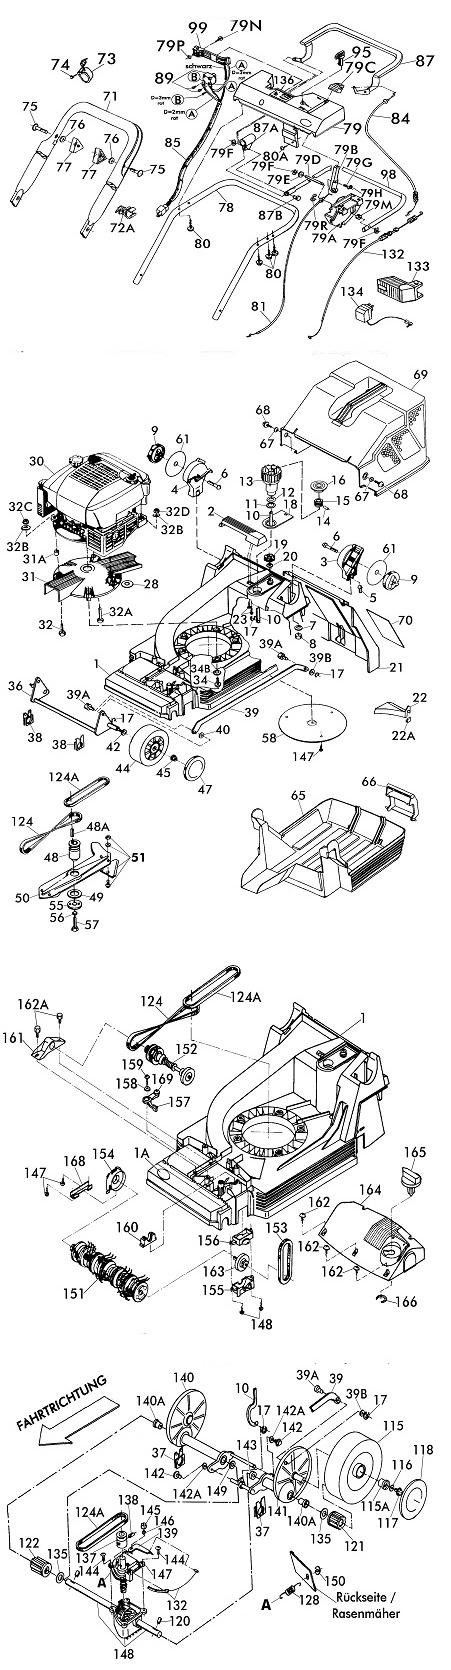 ersatzteile f r brill 40 bhr v12 gartenartikel g nstig online kaufen. Black Bedroom Furniture Sets. Home Design Ideas